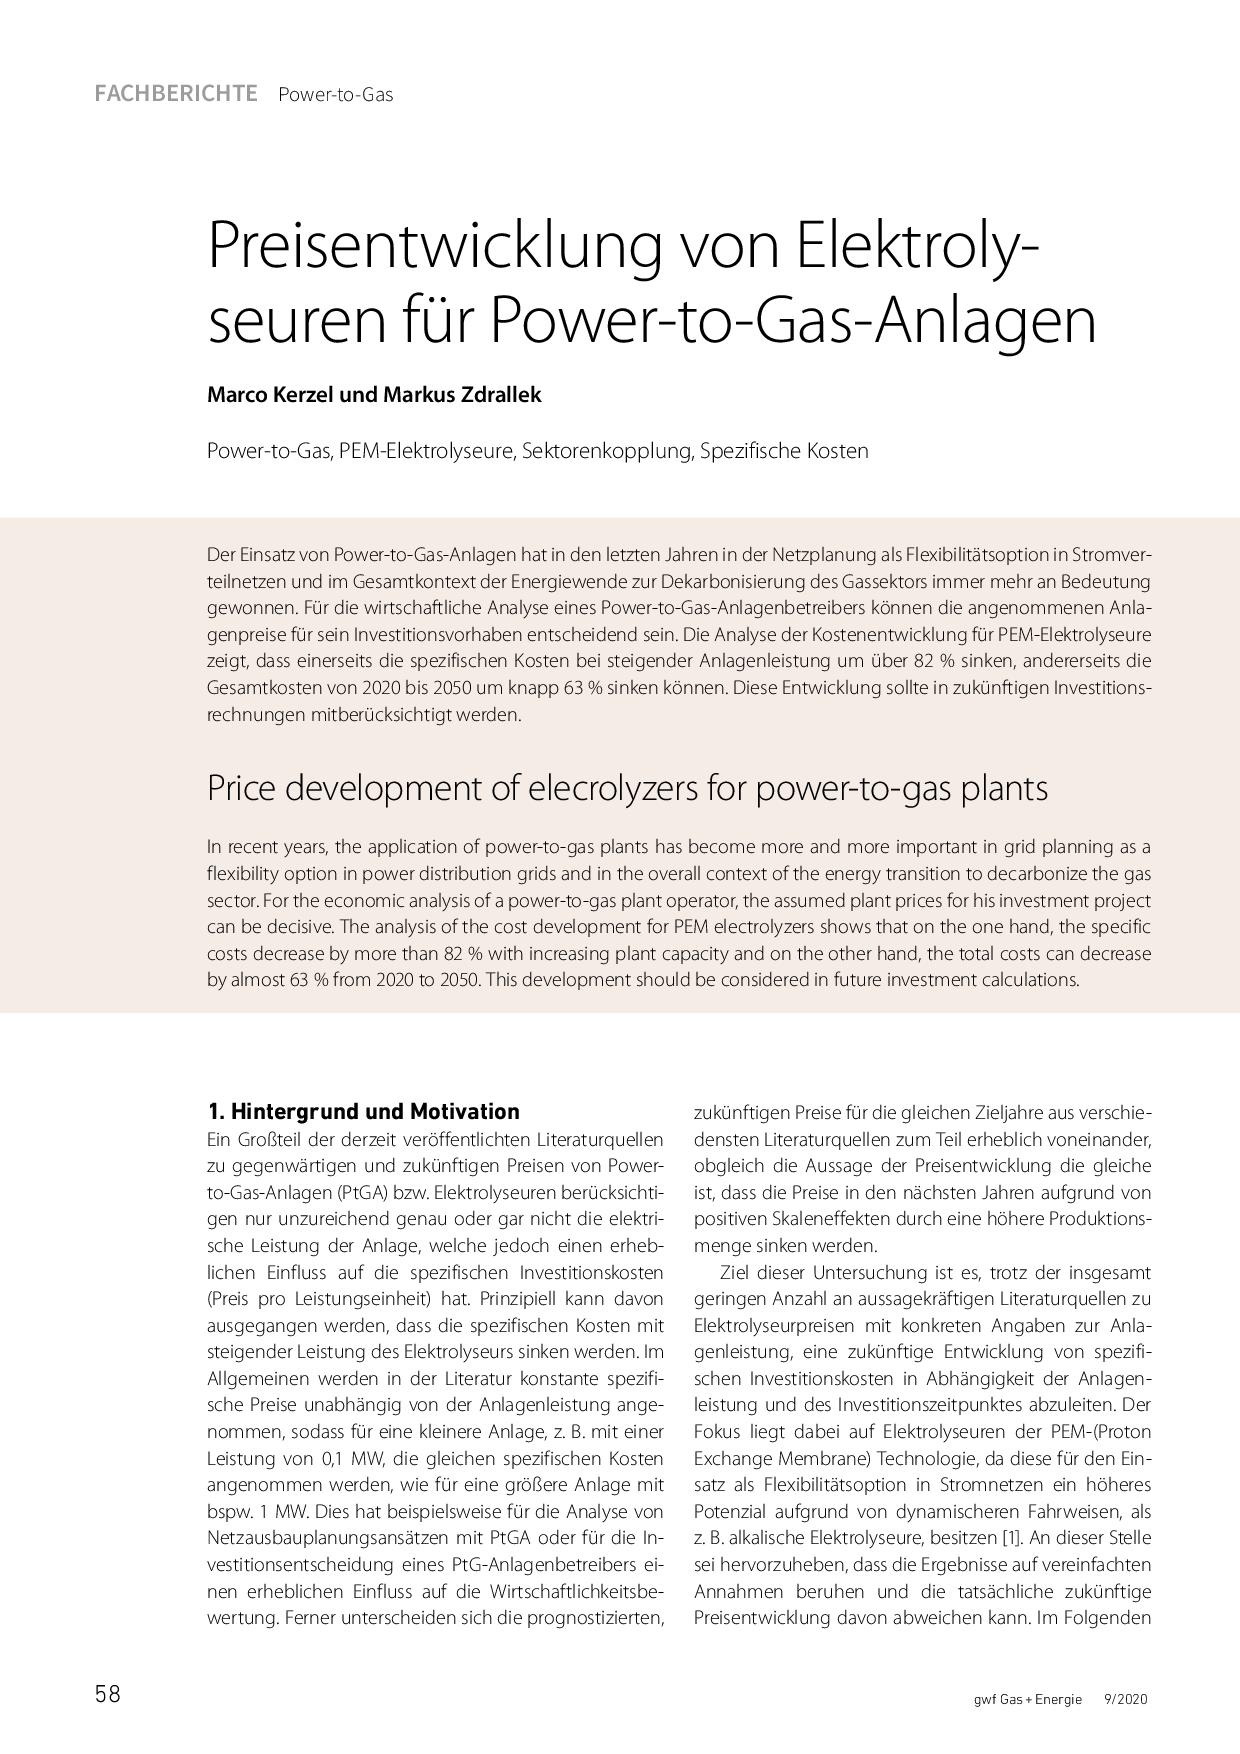 Preisentwicklung von Elektrolyseuren für Power-to-Gas-Anlagen